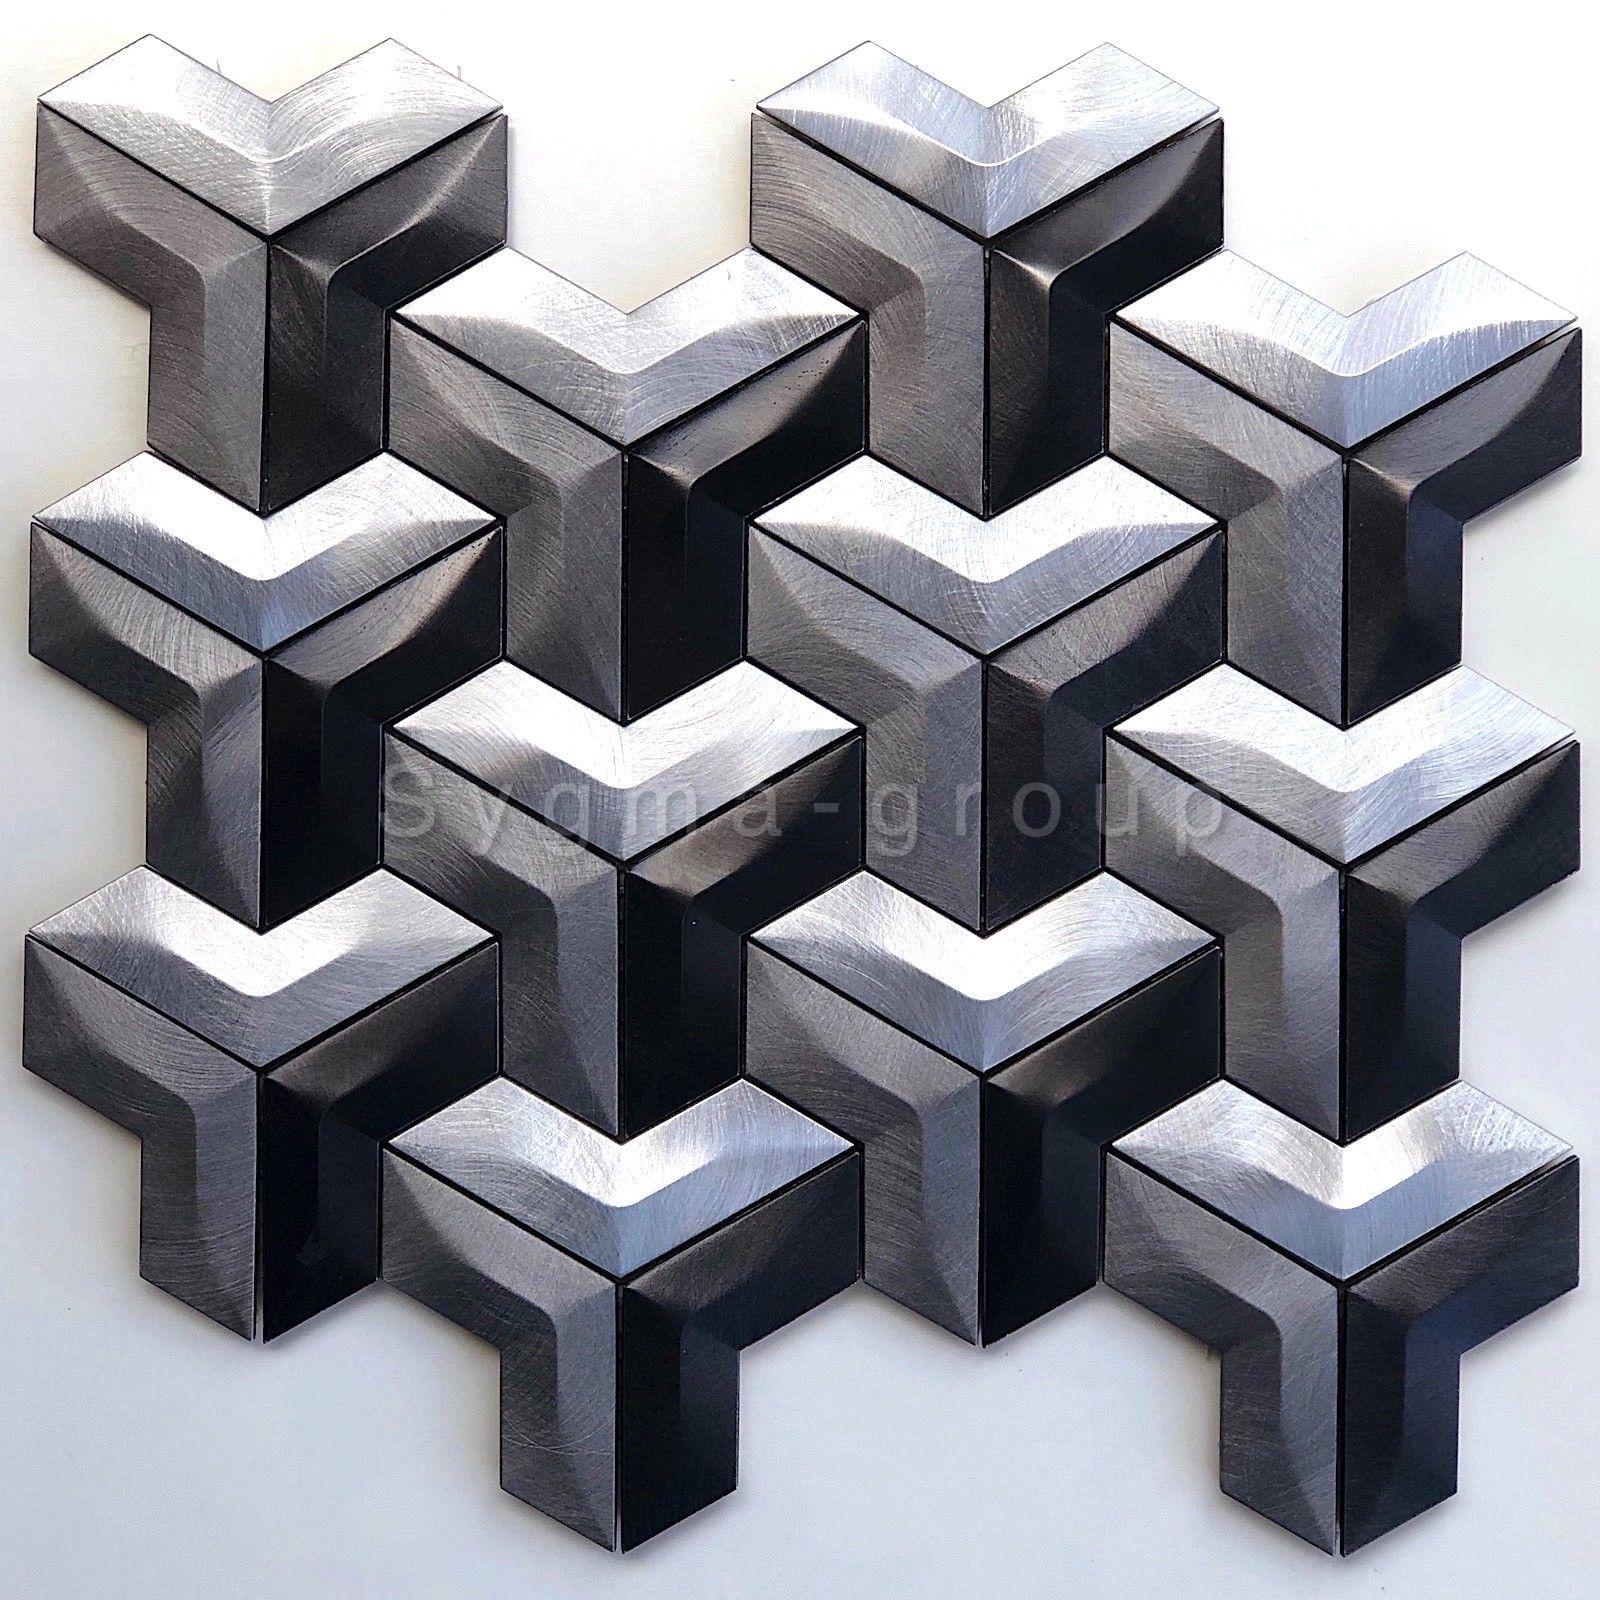 Malla mosaico de aluminio para cocina o baño modelo Daasie ...